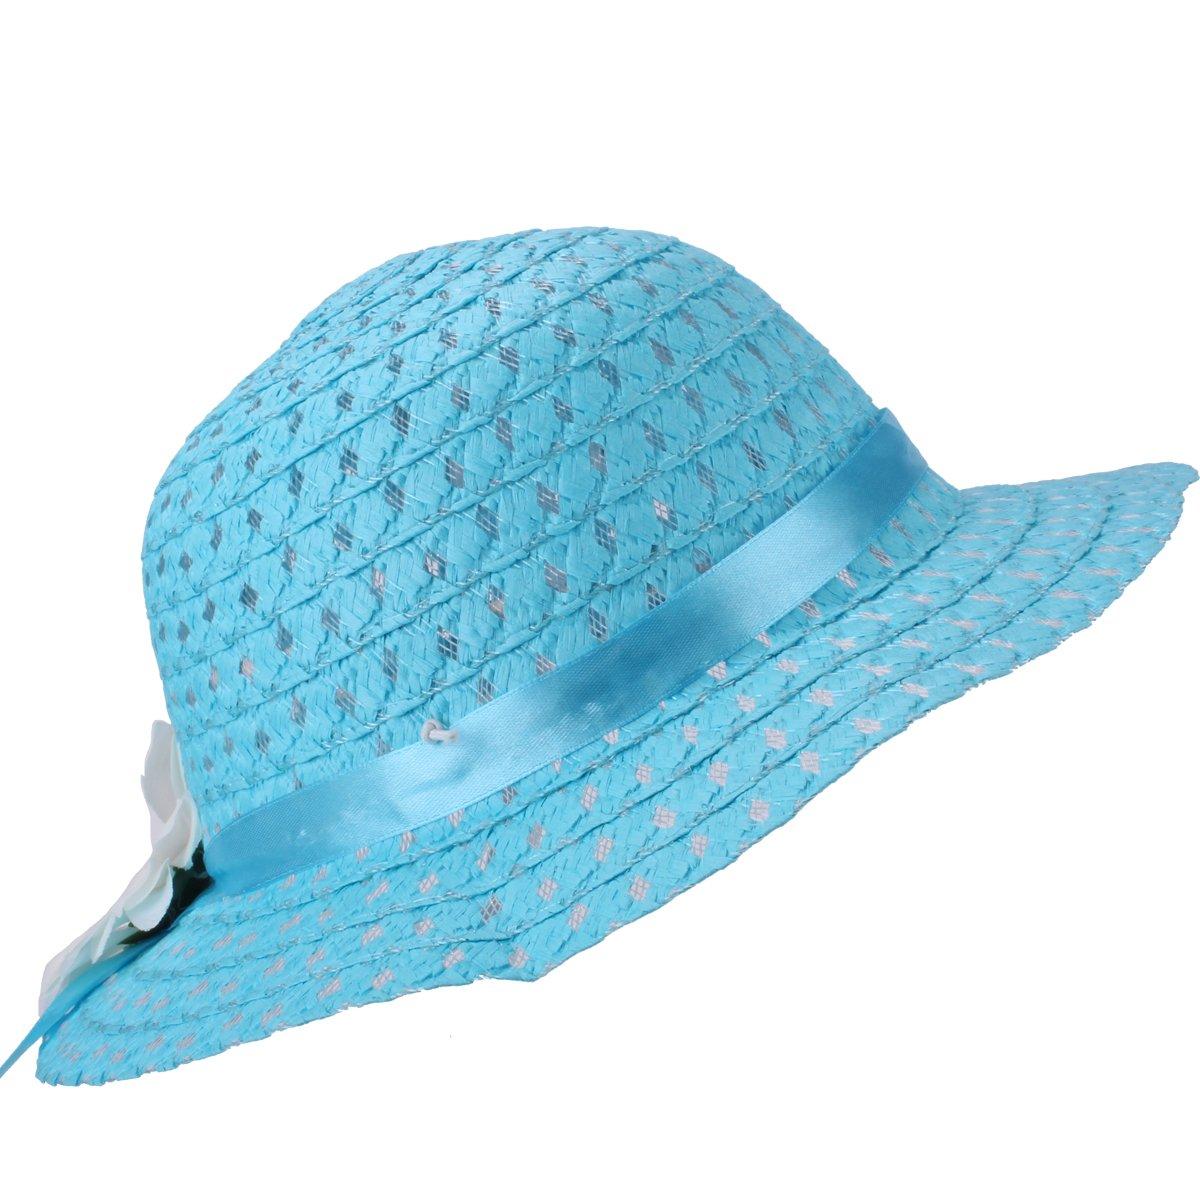 YOPINDO B/éb/é Paille Chapeau d/ét/é Filles Chapeau Sac /à Main Plage Plage Disquette Chapeaux Enfants Chapeau de Soleil avec Sac